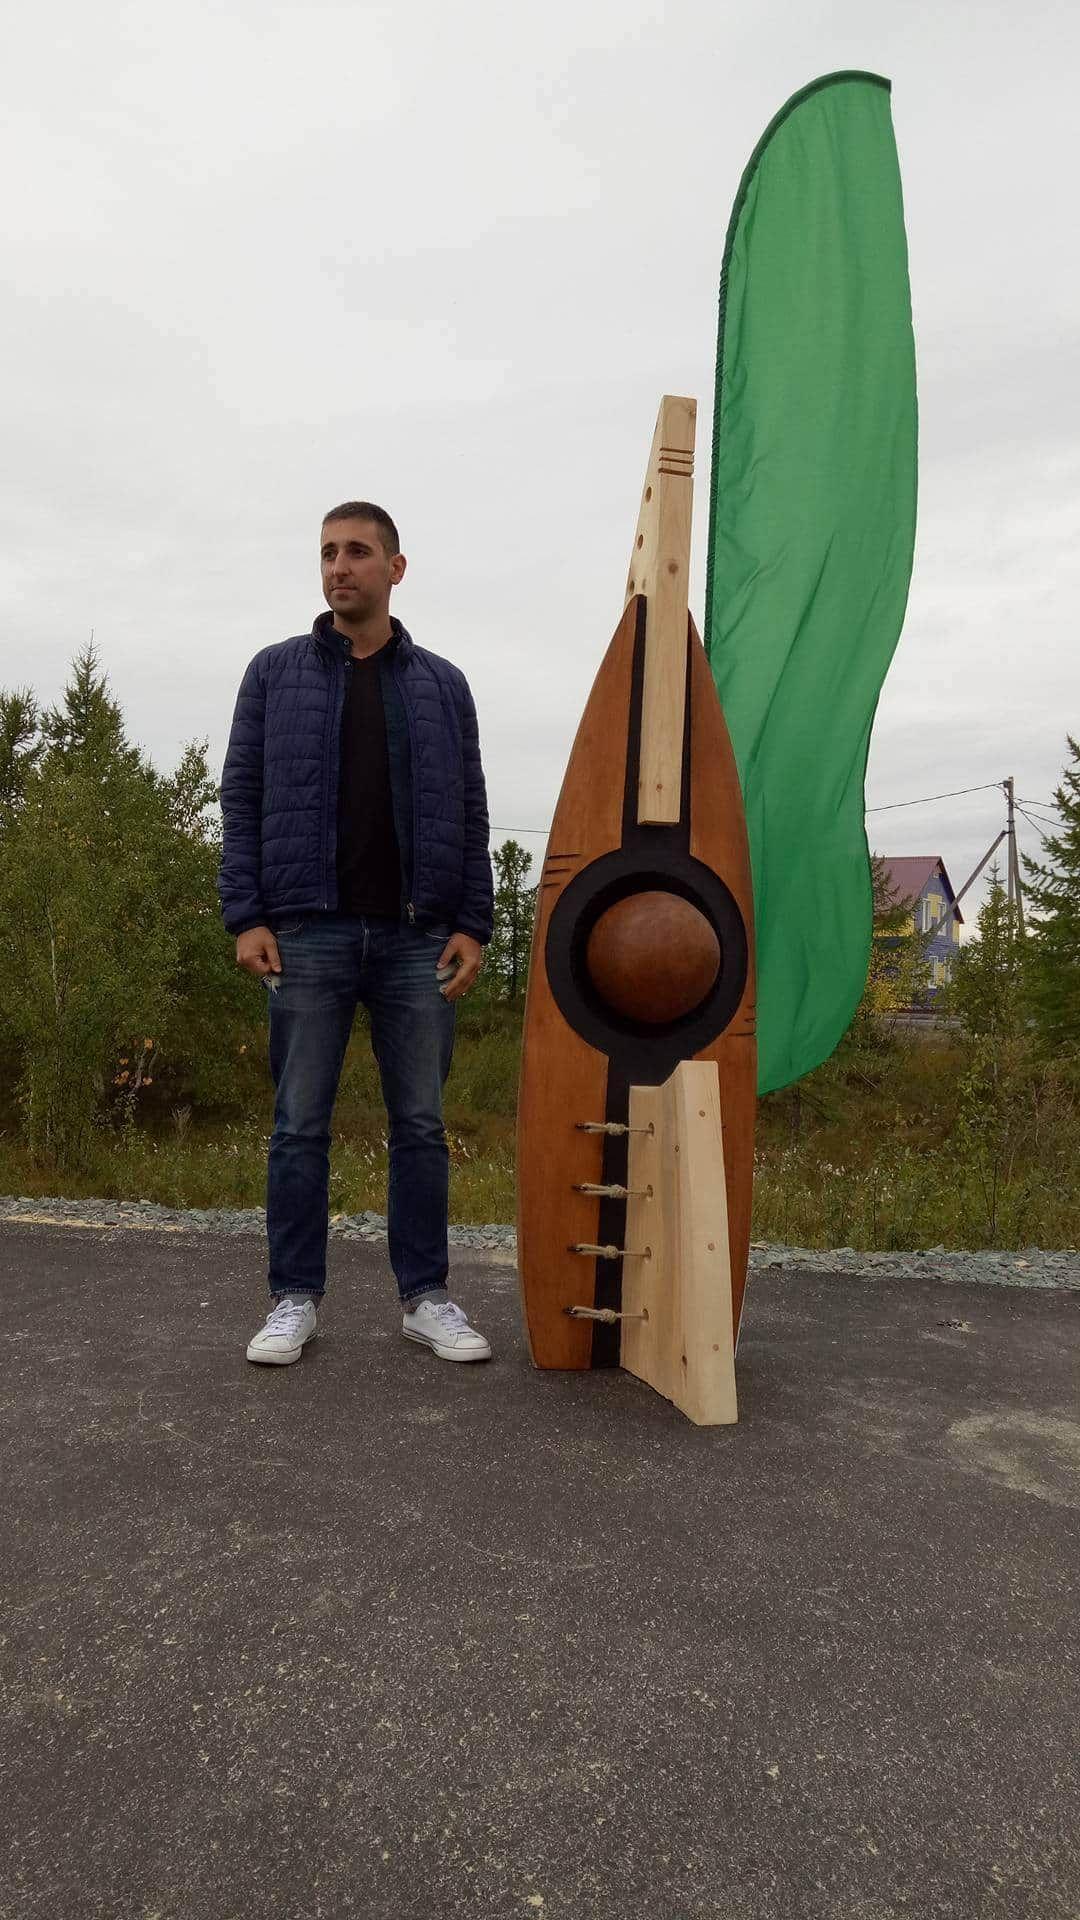 """След международен конкурс проекта получи възможност за реализация на симпозиума за скулптора в дърво """"Легенда за севера"""" в Сибир , Русия . Темата дадена от домакините целеше да запознае туристите на полярният град с традициите на региона. Проекта пресъздава традиционната палатка на местното население Ямал наречена още """"Чум"""", във формата има препратка към огнище, полярния кръг и риболов , като основен поминък на хората в региона ."""